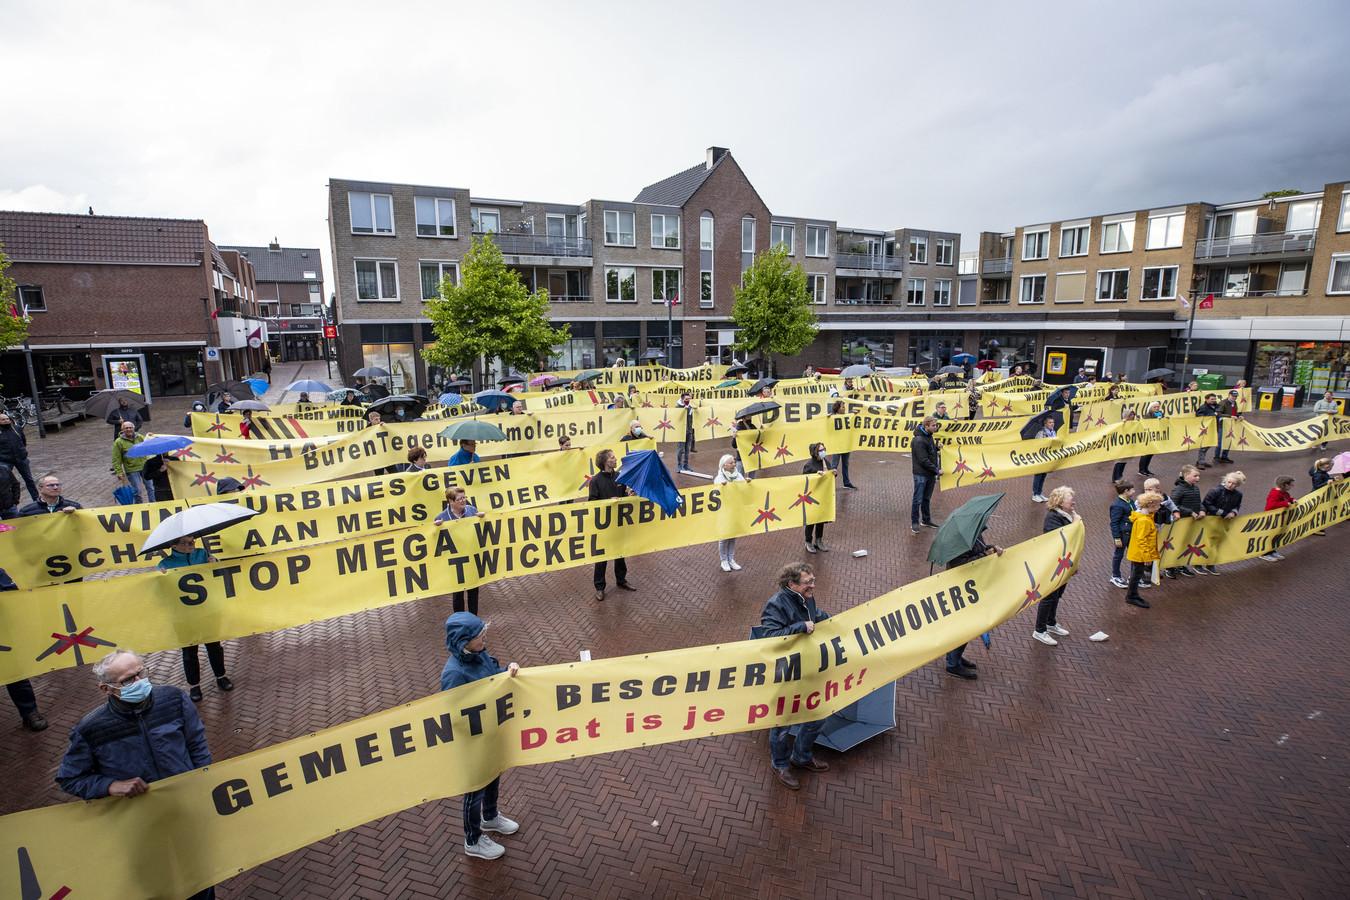 Al voordat Hengelo Borne aandeed met de Karavaan van de Nieuwe Energie was er op het Rheineplein al een grote demonstratie tegen het idee om windmolens bij woonwijken te plaatsen.